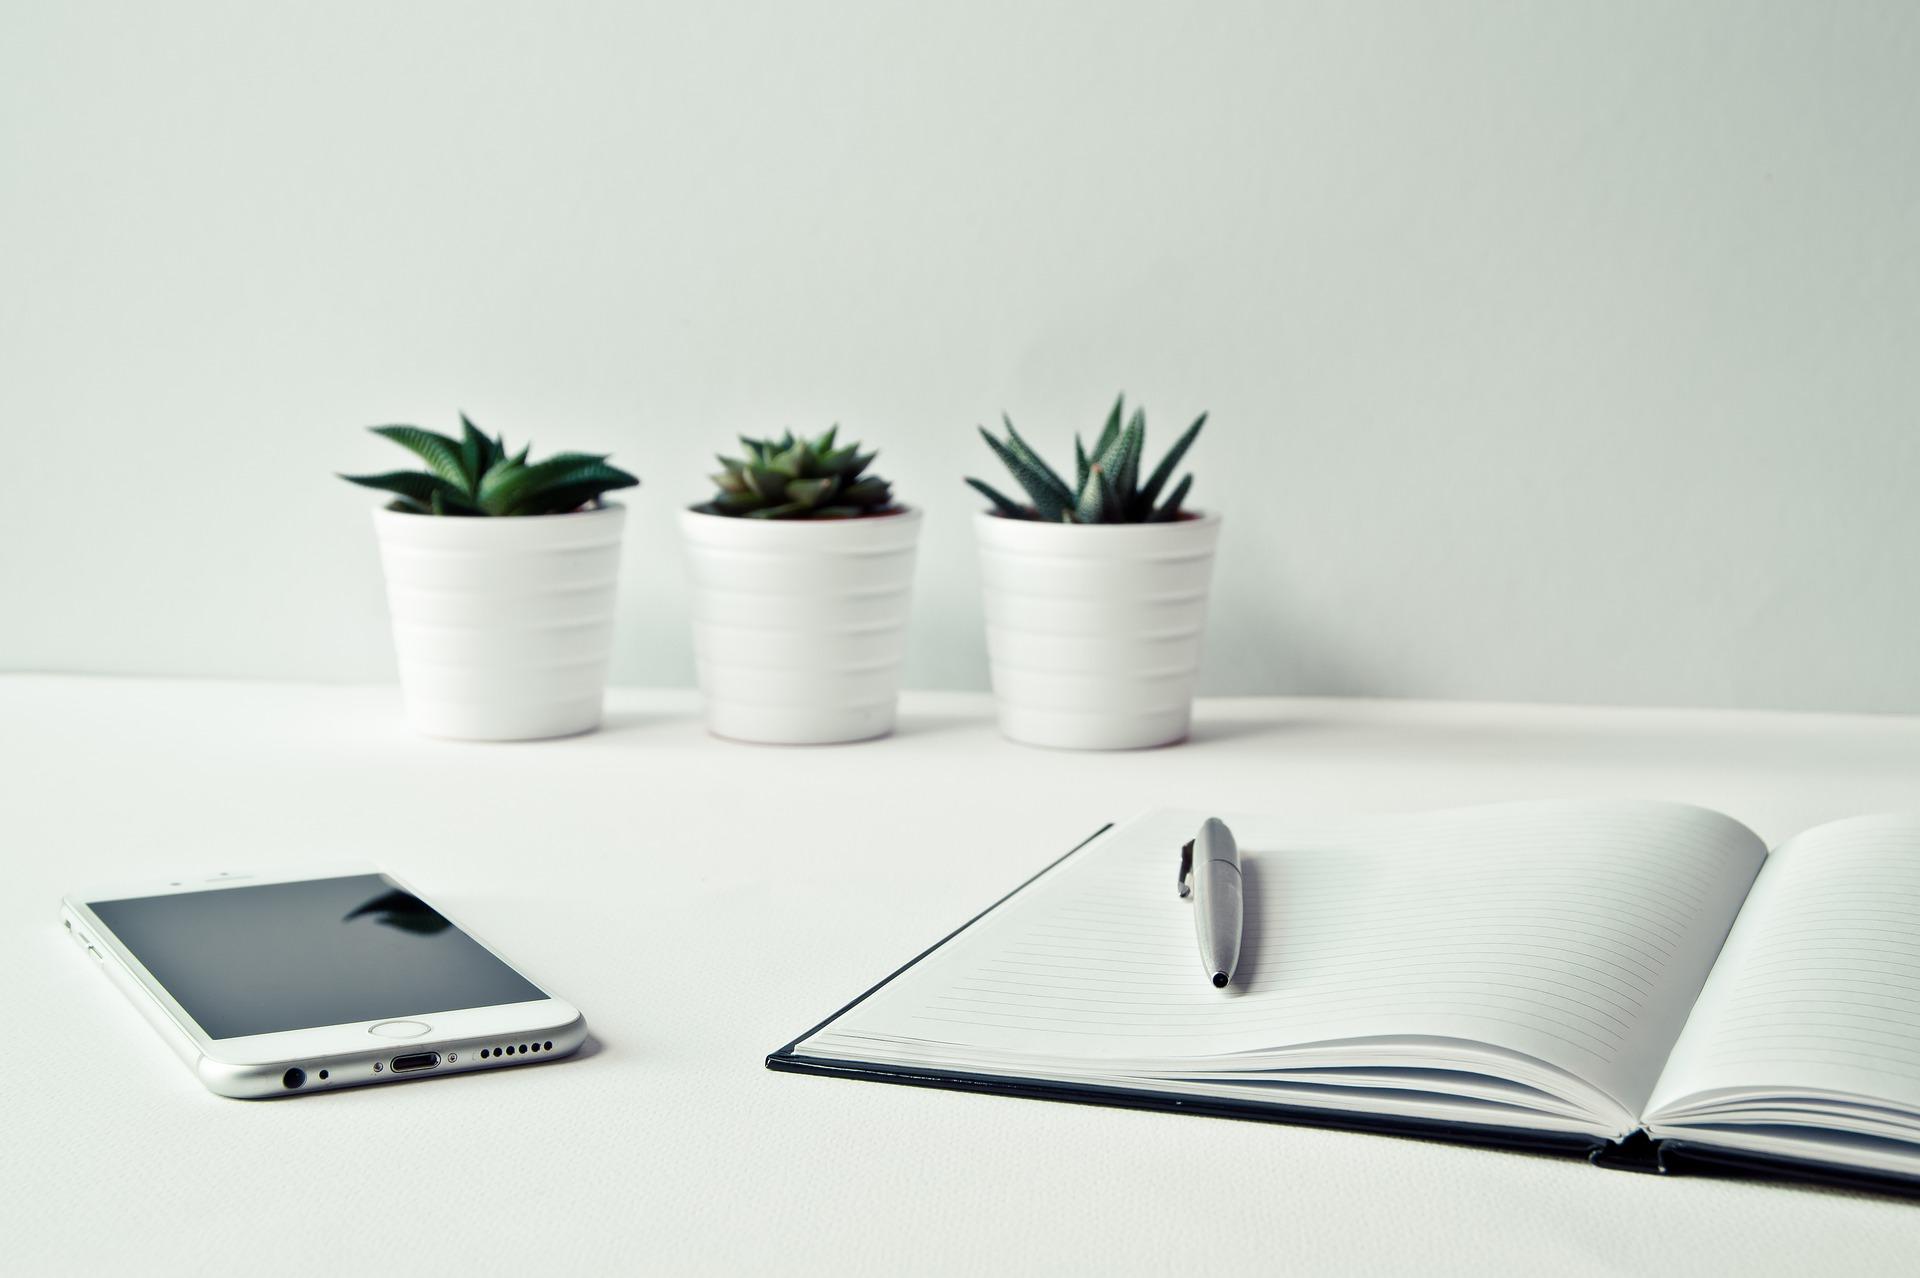 Come ottimizzare un testo con le parole chiave